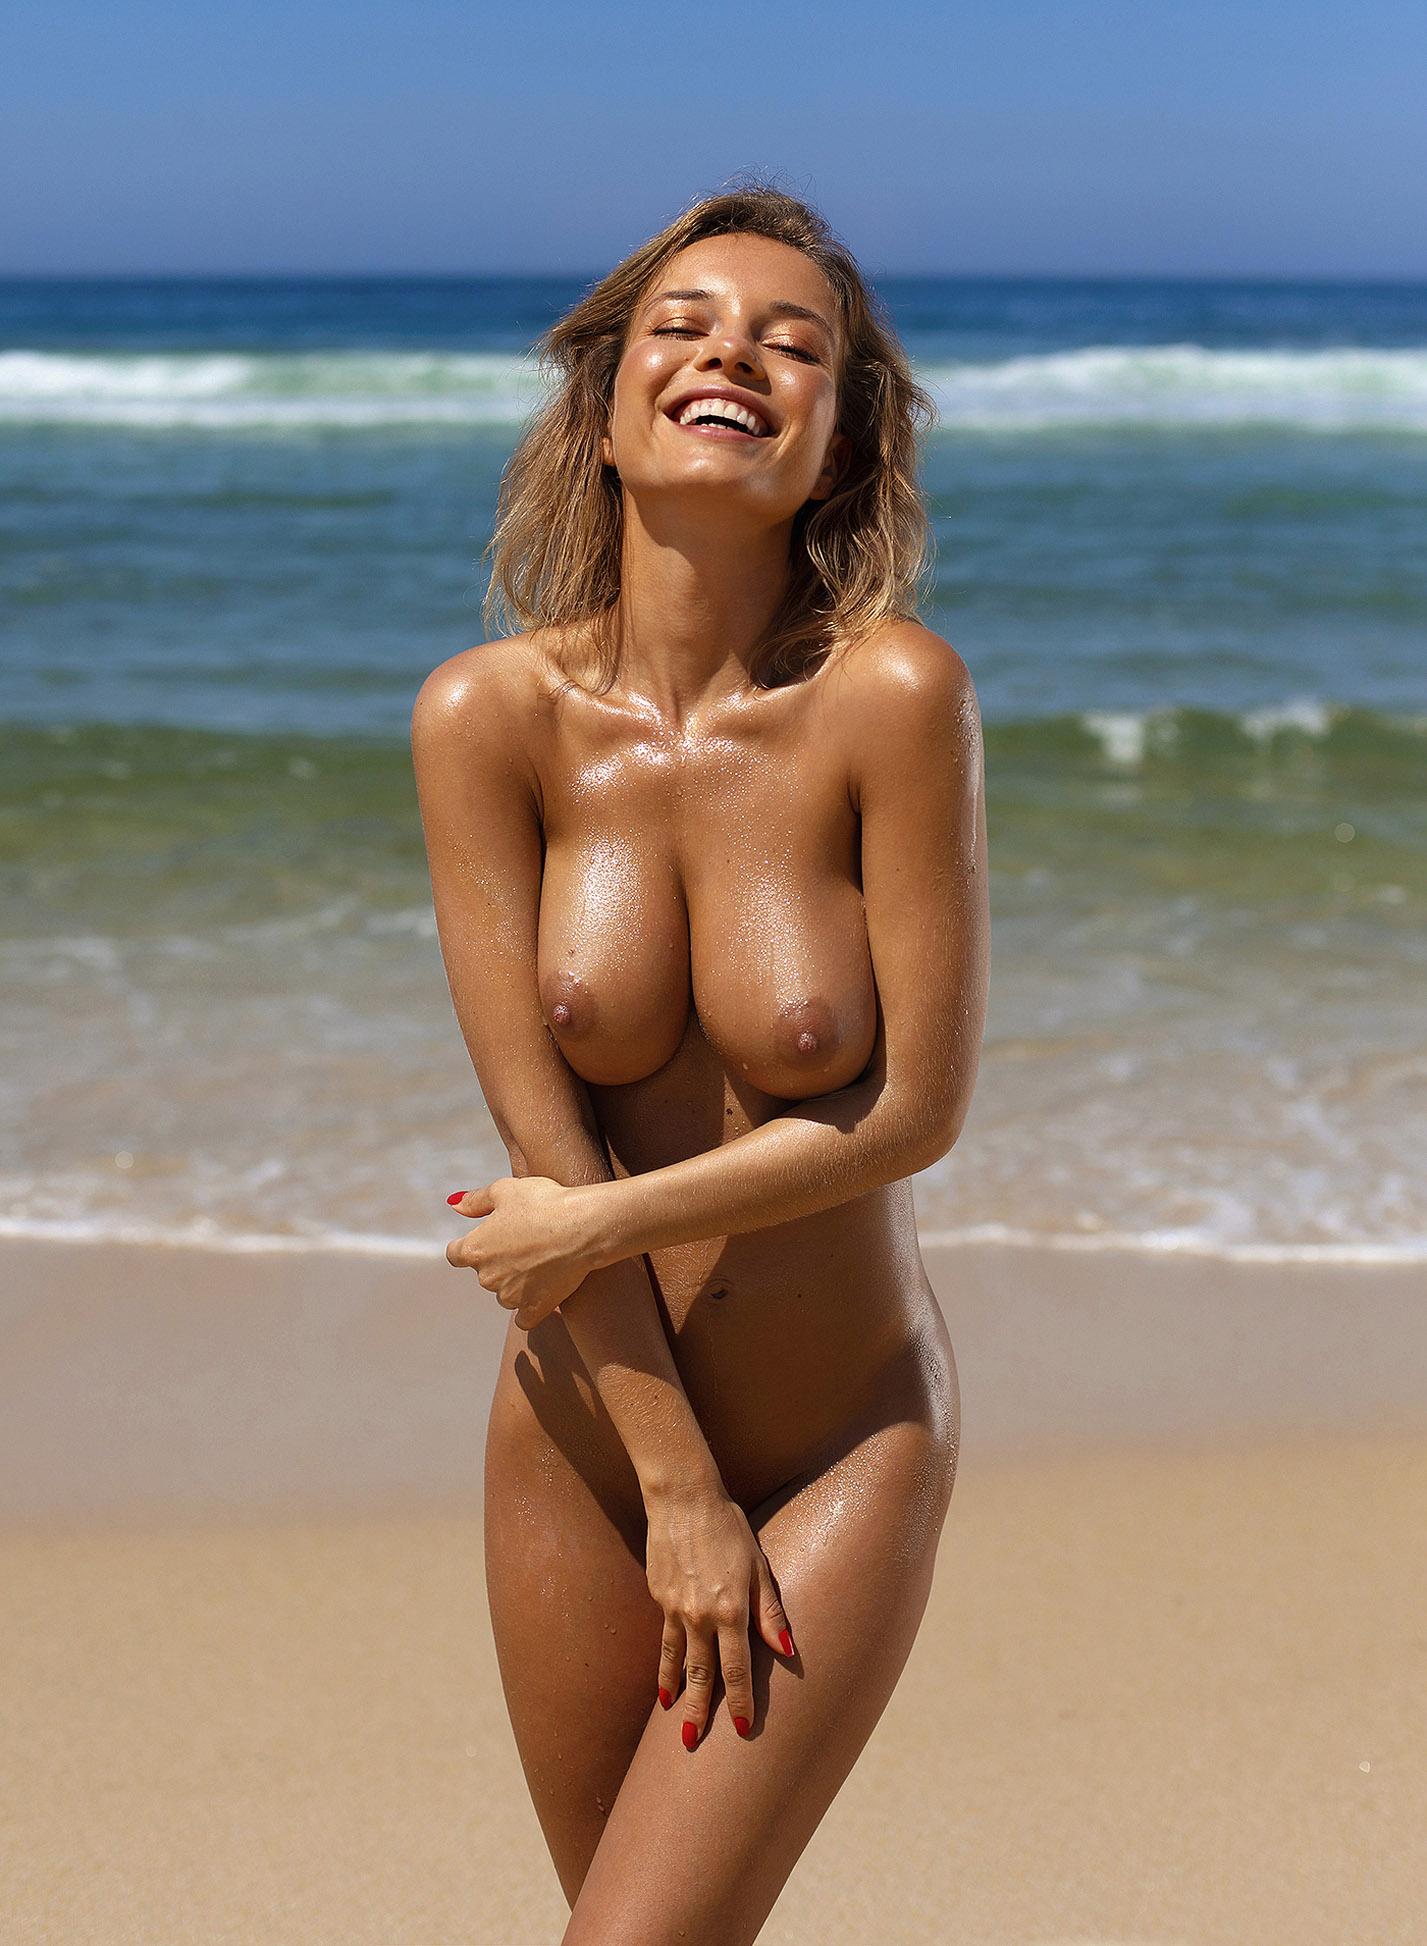 Сексуальная голая Наталья Андреева под жарким солнцем на диком пляже в Португалии / фото 11